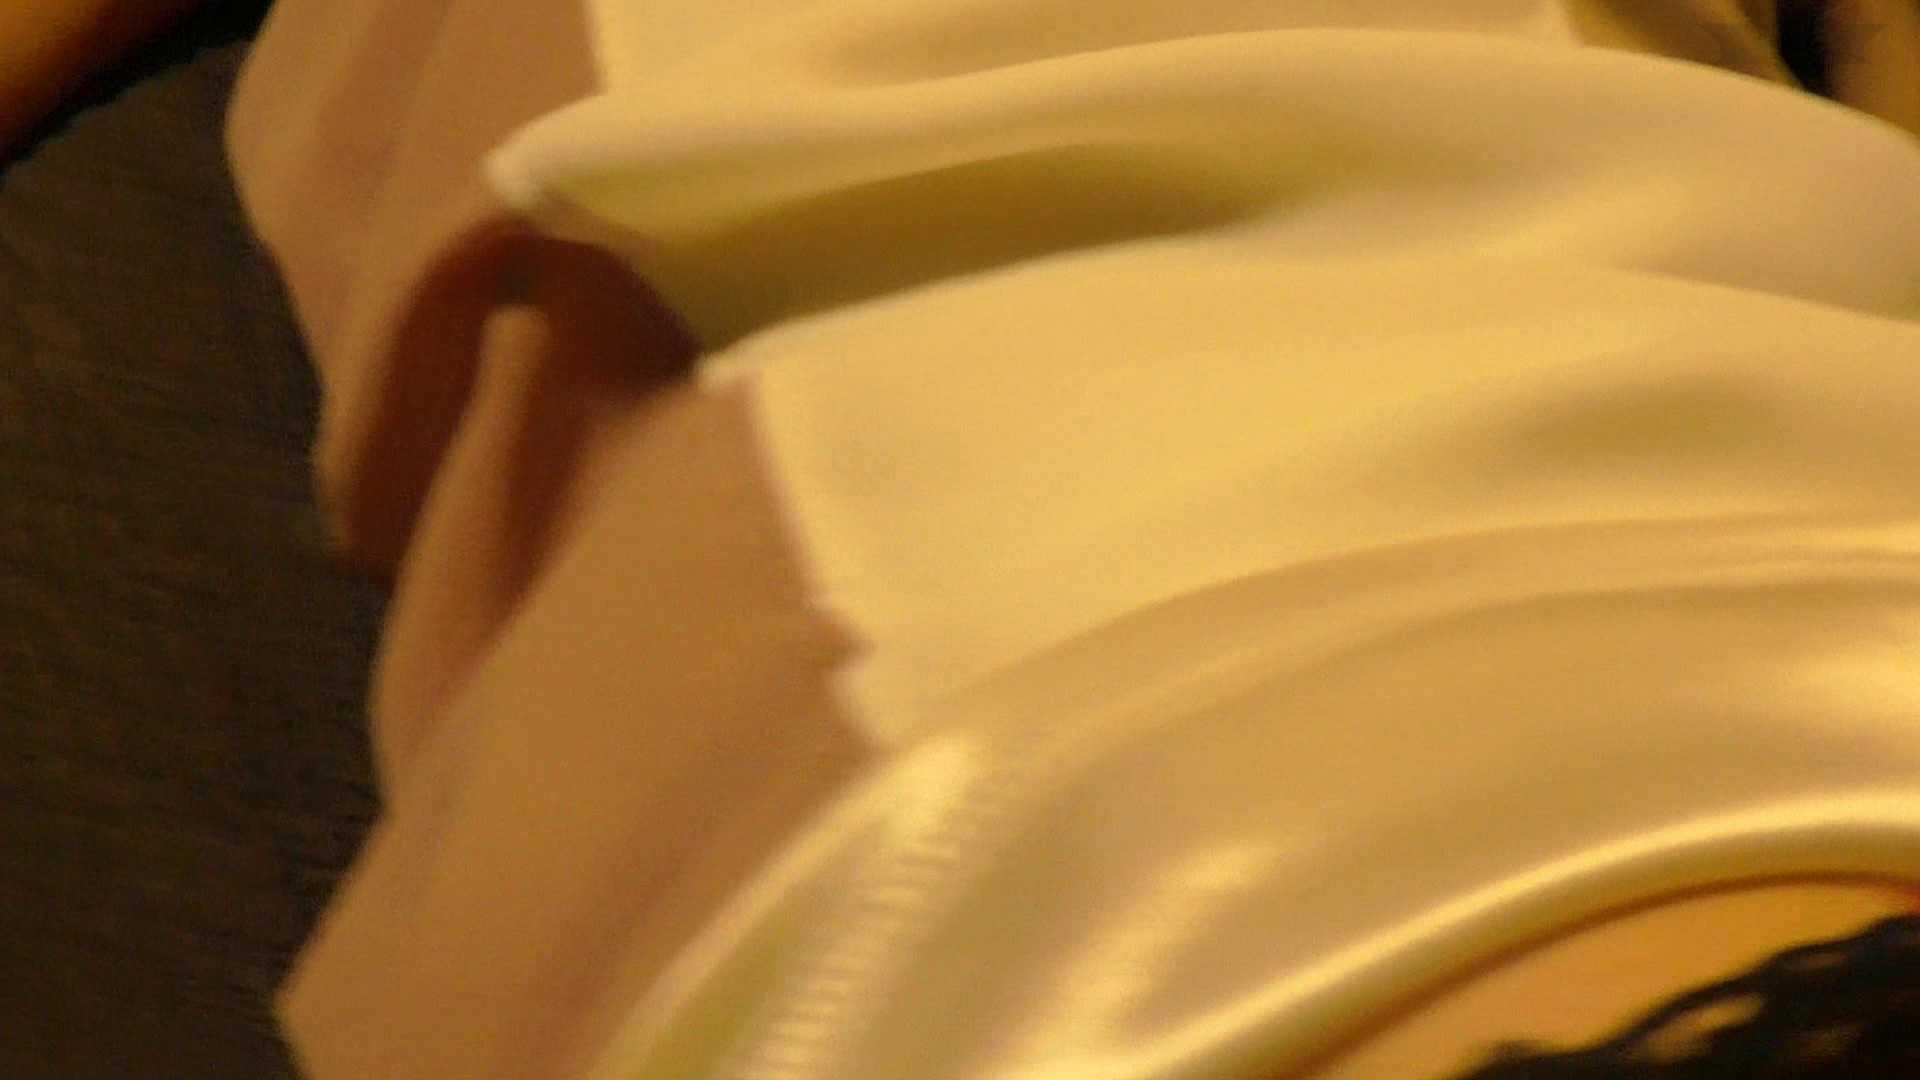 悪戯ネットカフェ Vol.07 魔法をかけて開いてみれば紐?? 盛合せ   美乳  78画像 56